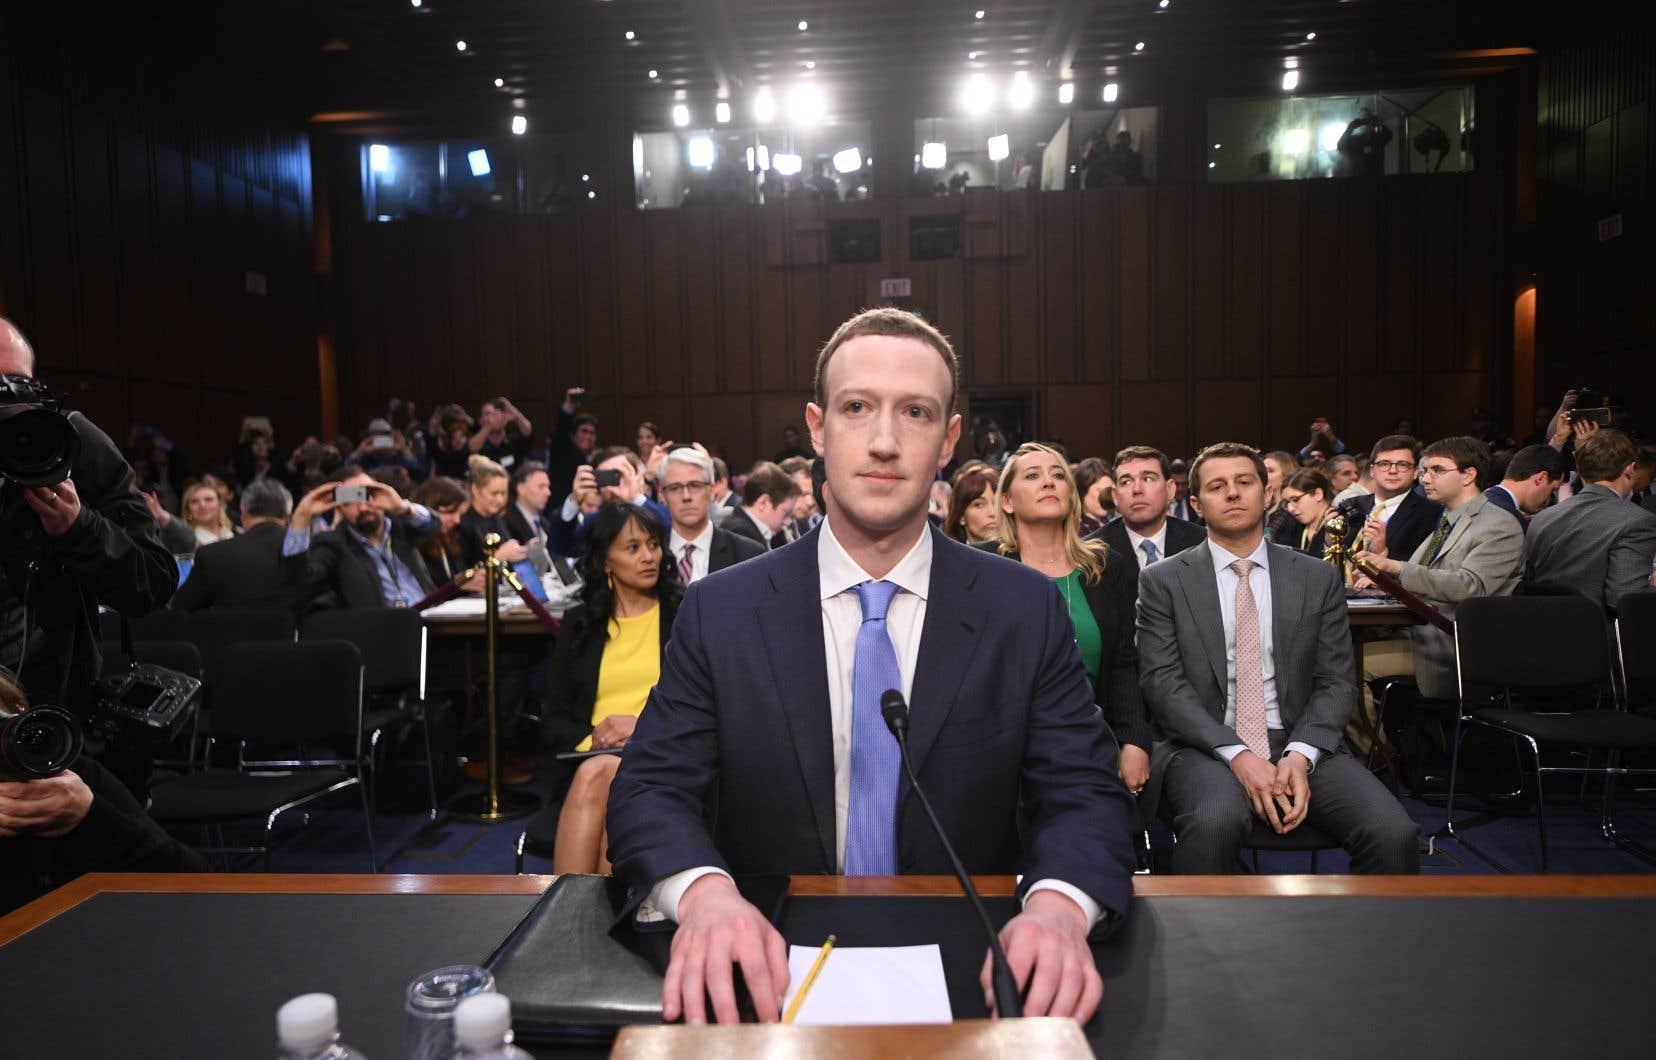 Le p.-d.g. de Facebook, Mark Zuckerberg, doit endosser personnellement mardi la responsabilité des «erreurs» commises par le réseau social, qui n'a pas su anticiper les mauvais usages de la plateforme.